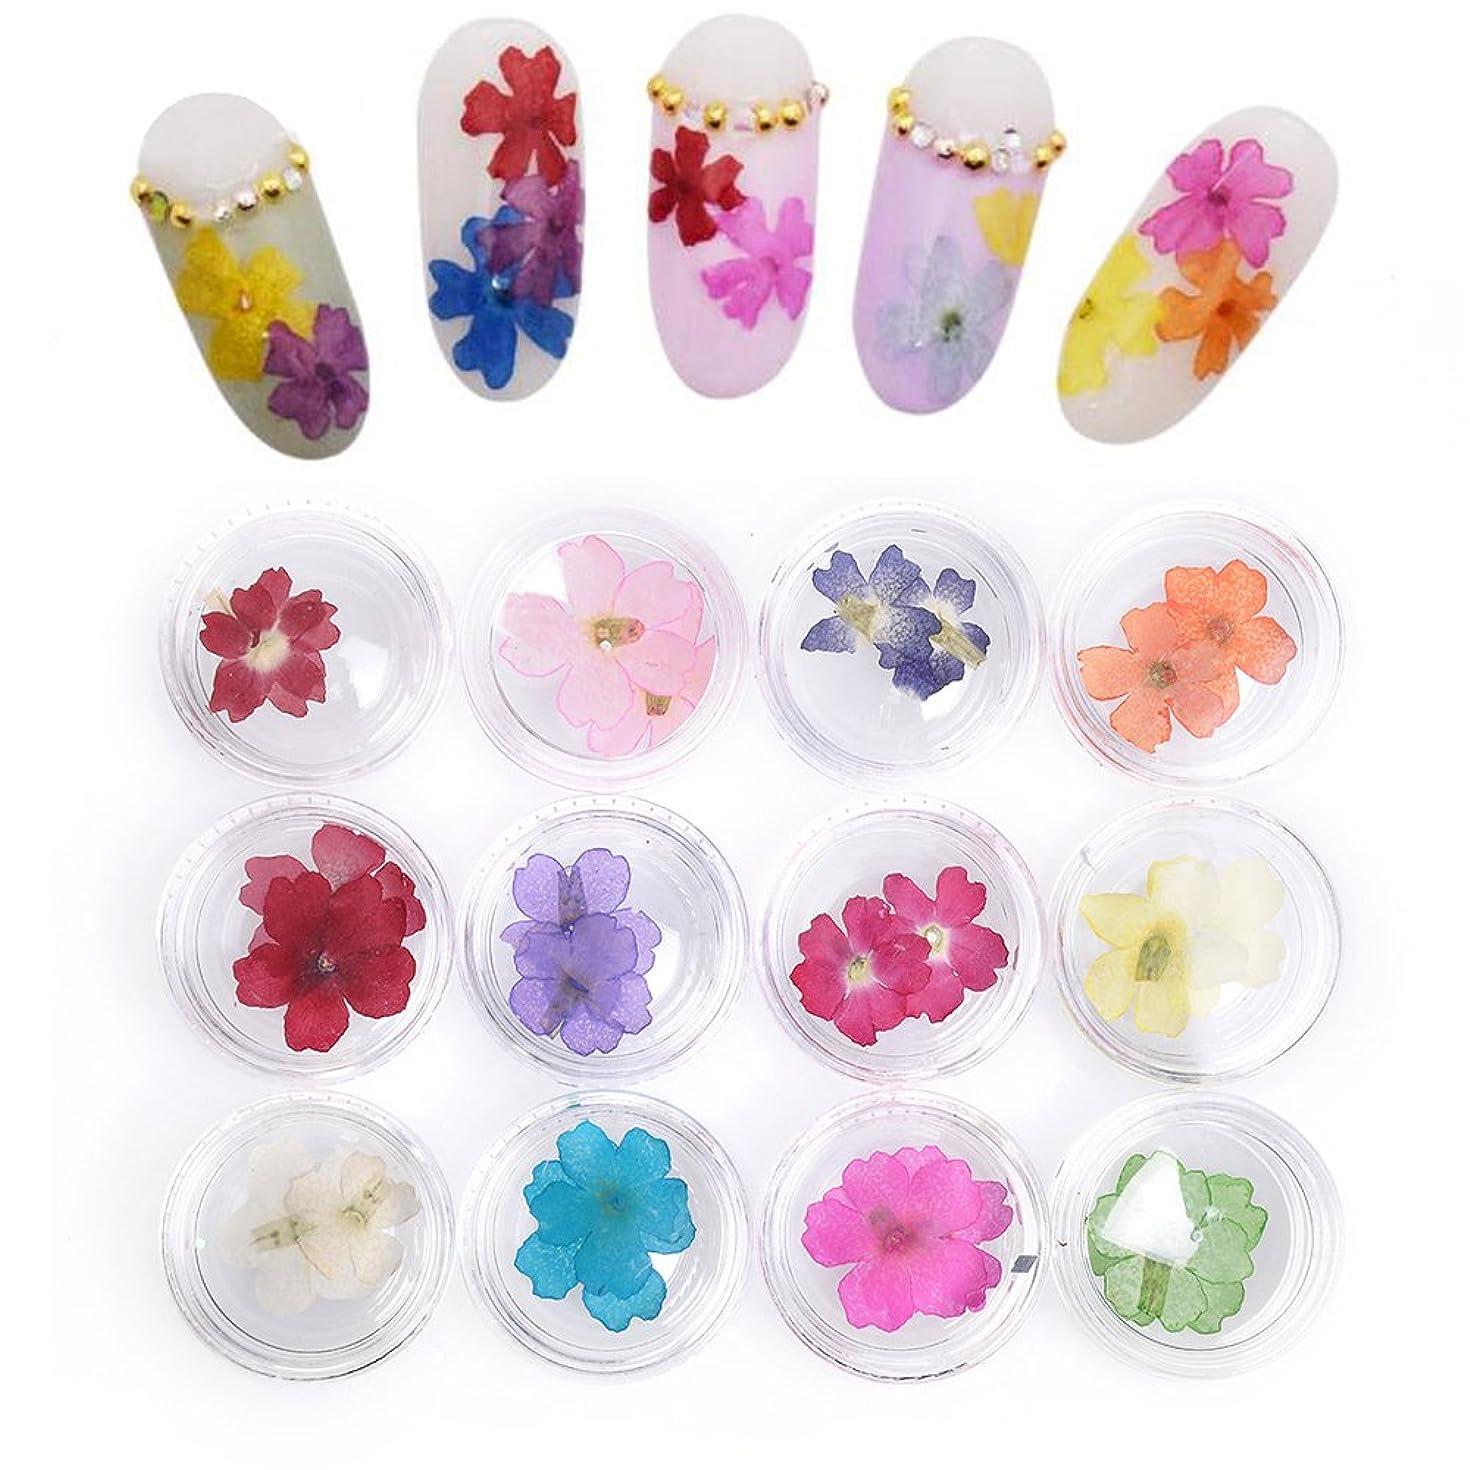 ますます過度に医療過誤Takarafune 押し花 ドライフラワー 葉 3Dネイル レジンデコレーション DIY ネイルパーツ 明収納ケース 12色